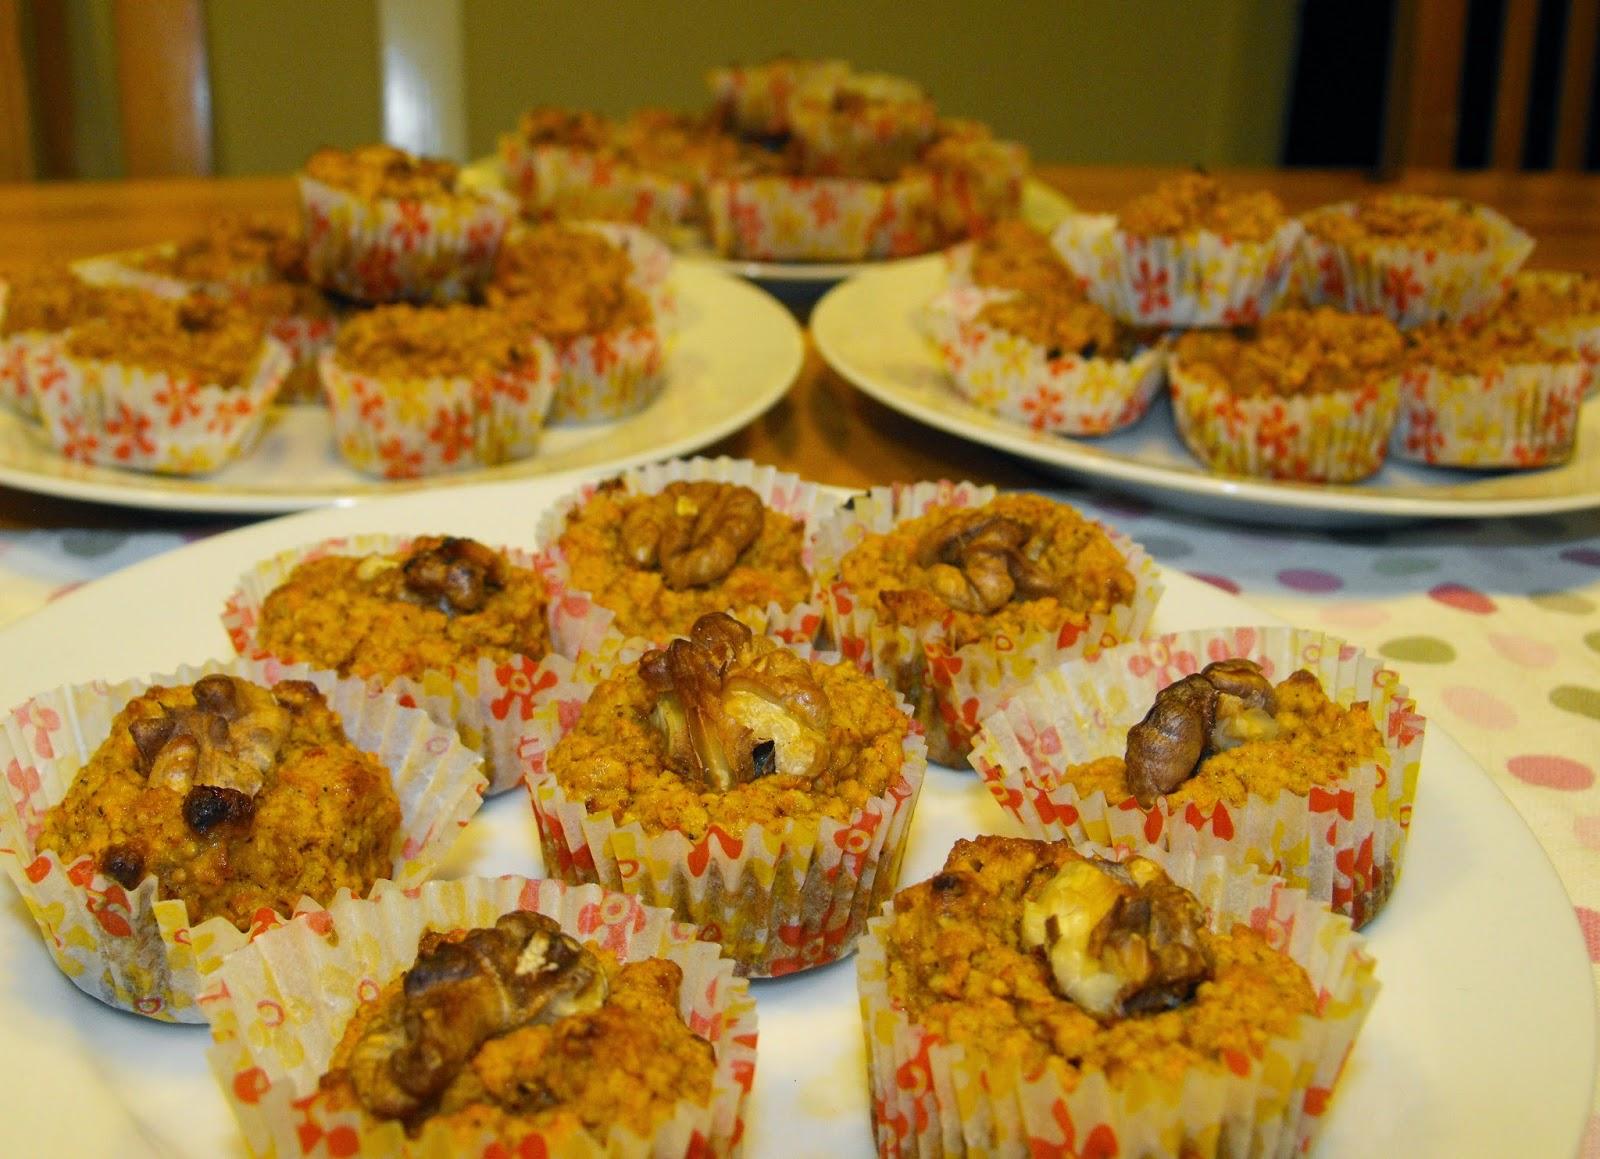 Morotsmuffins, Paleo, Glutenfritt, laktosfritt, morötter, mandelmjöl, ägg, valnötter, fikon